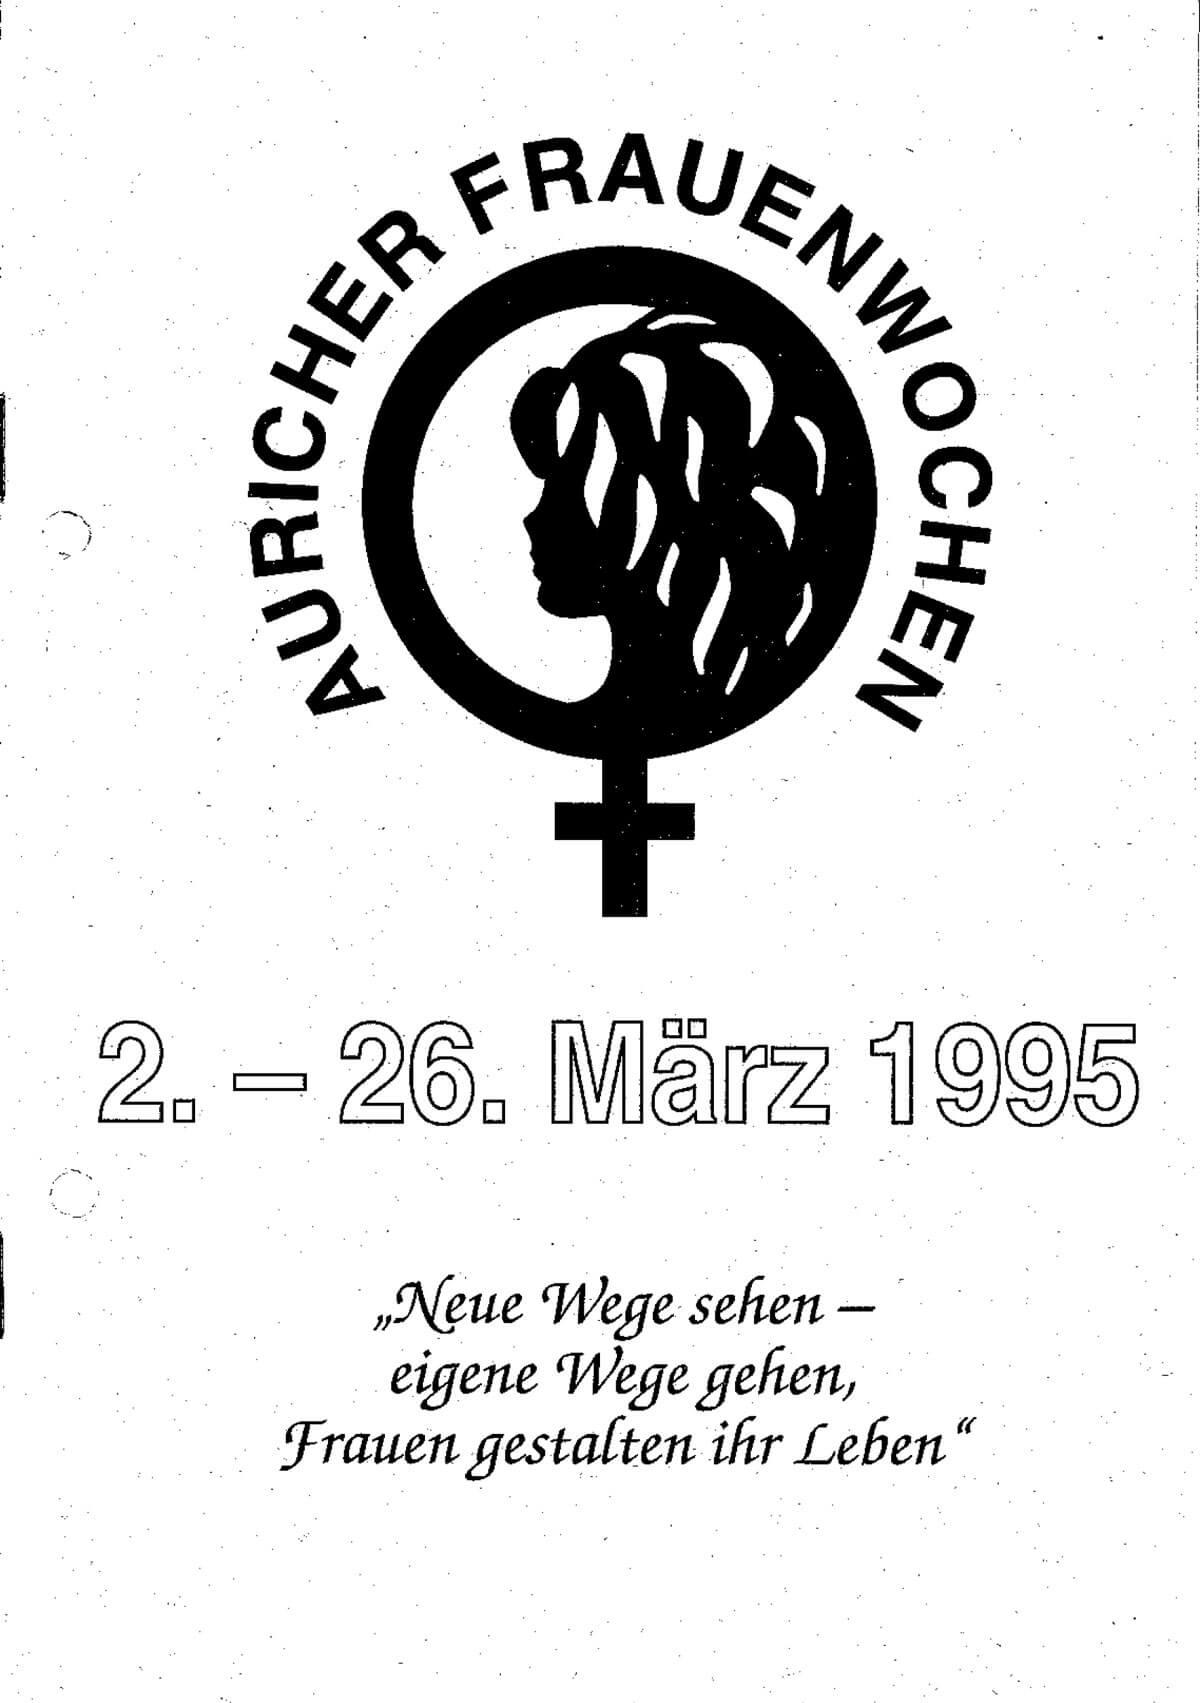 Programmheft 1995 anschauen – Auricher Frauenwochen